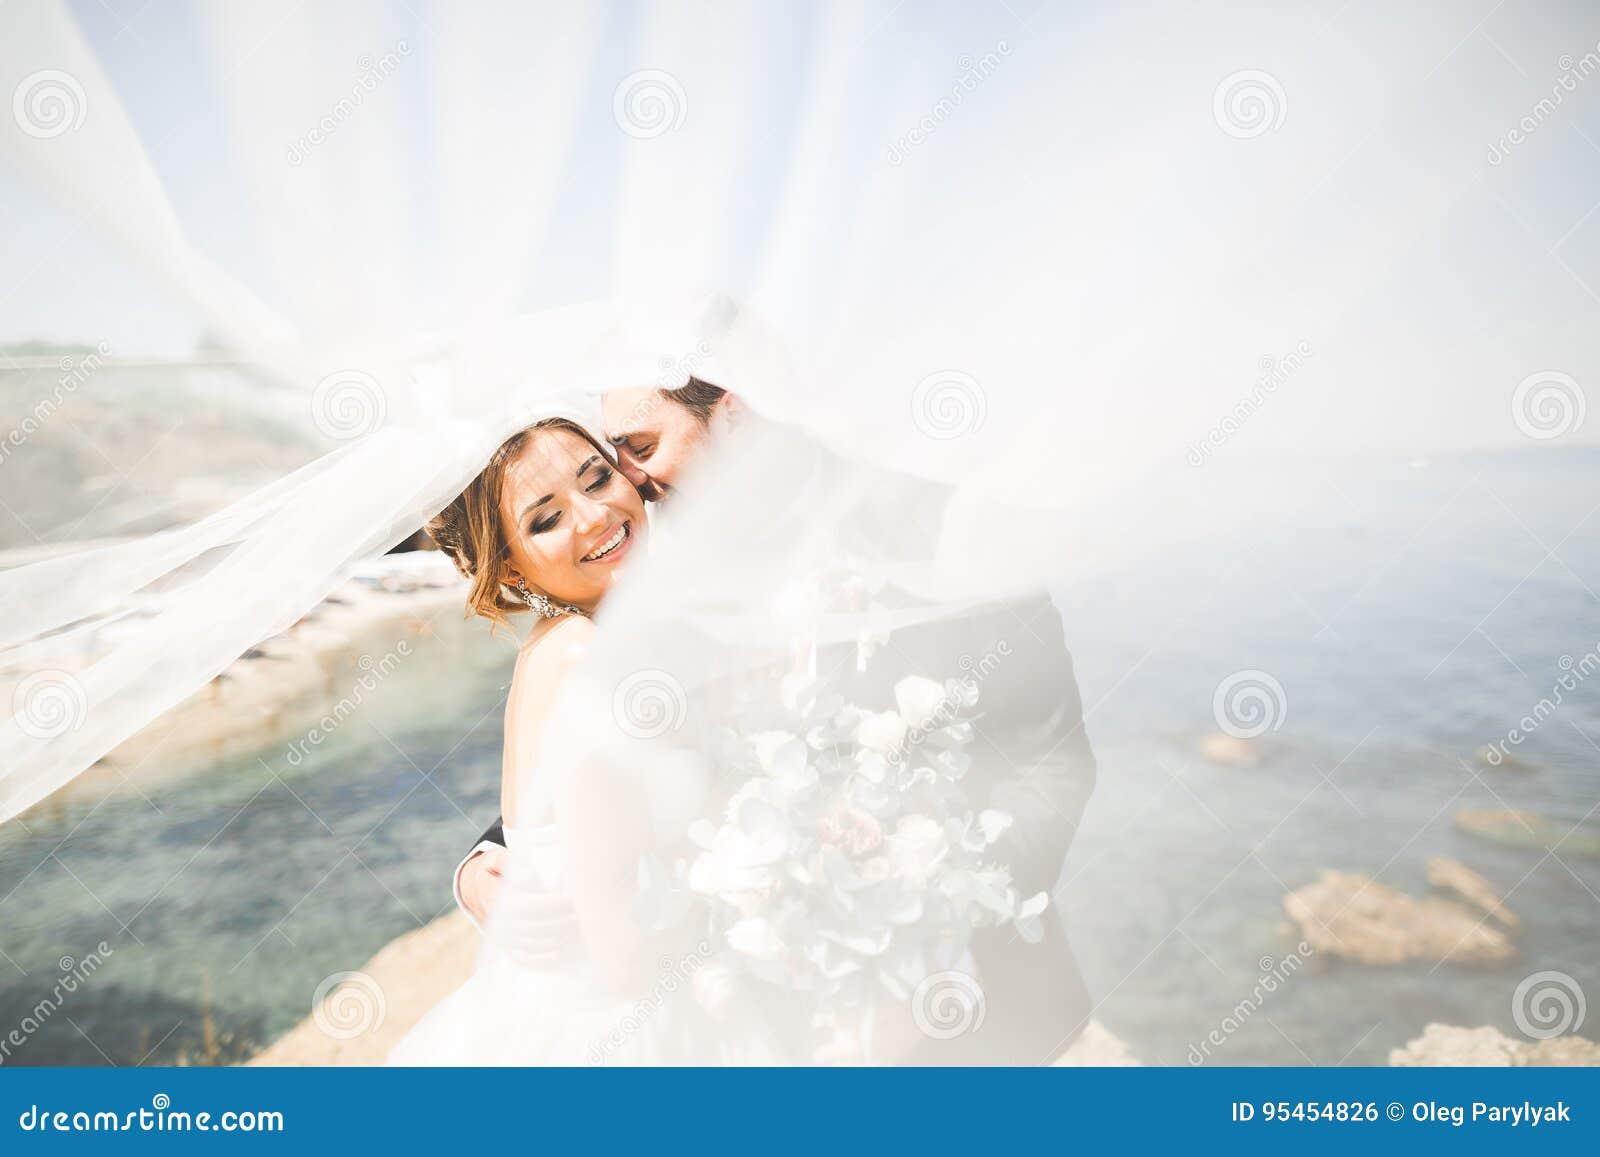 Cena feliz e romântica apenas dos pares novos casados do casamento que levantam na praia bonita